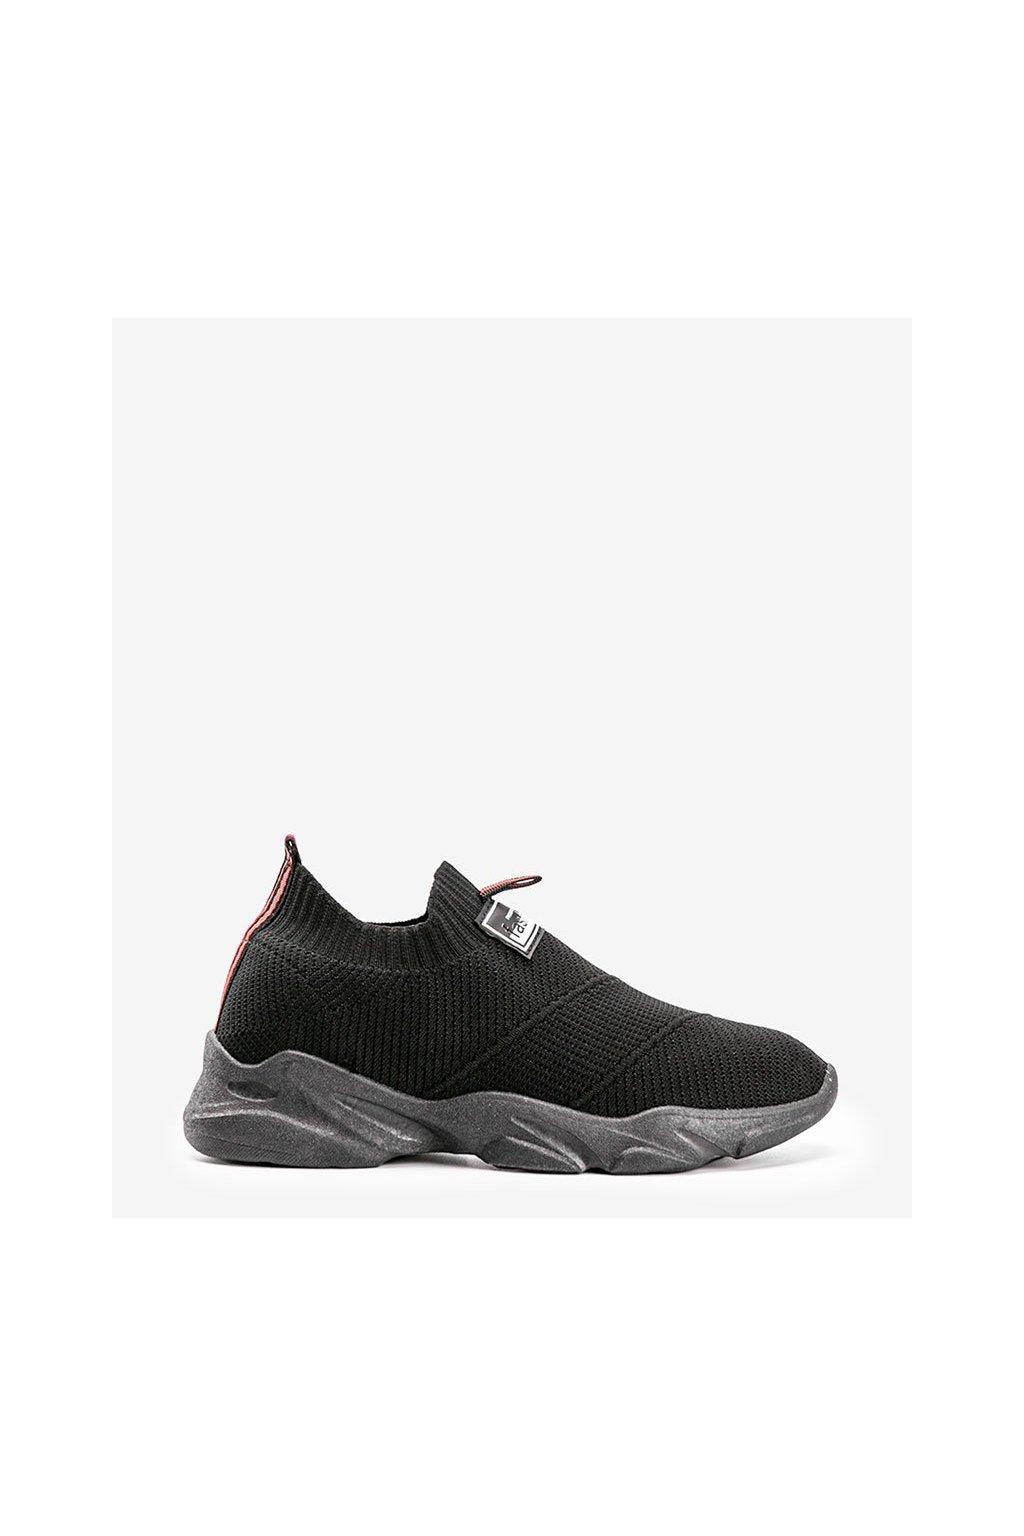 Dámske topánky tenisky čierne kód FF-11 - GM